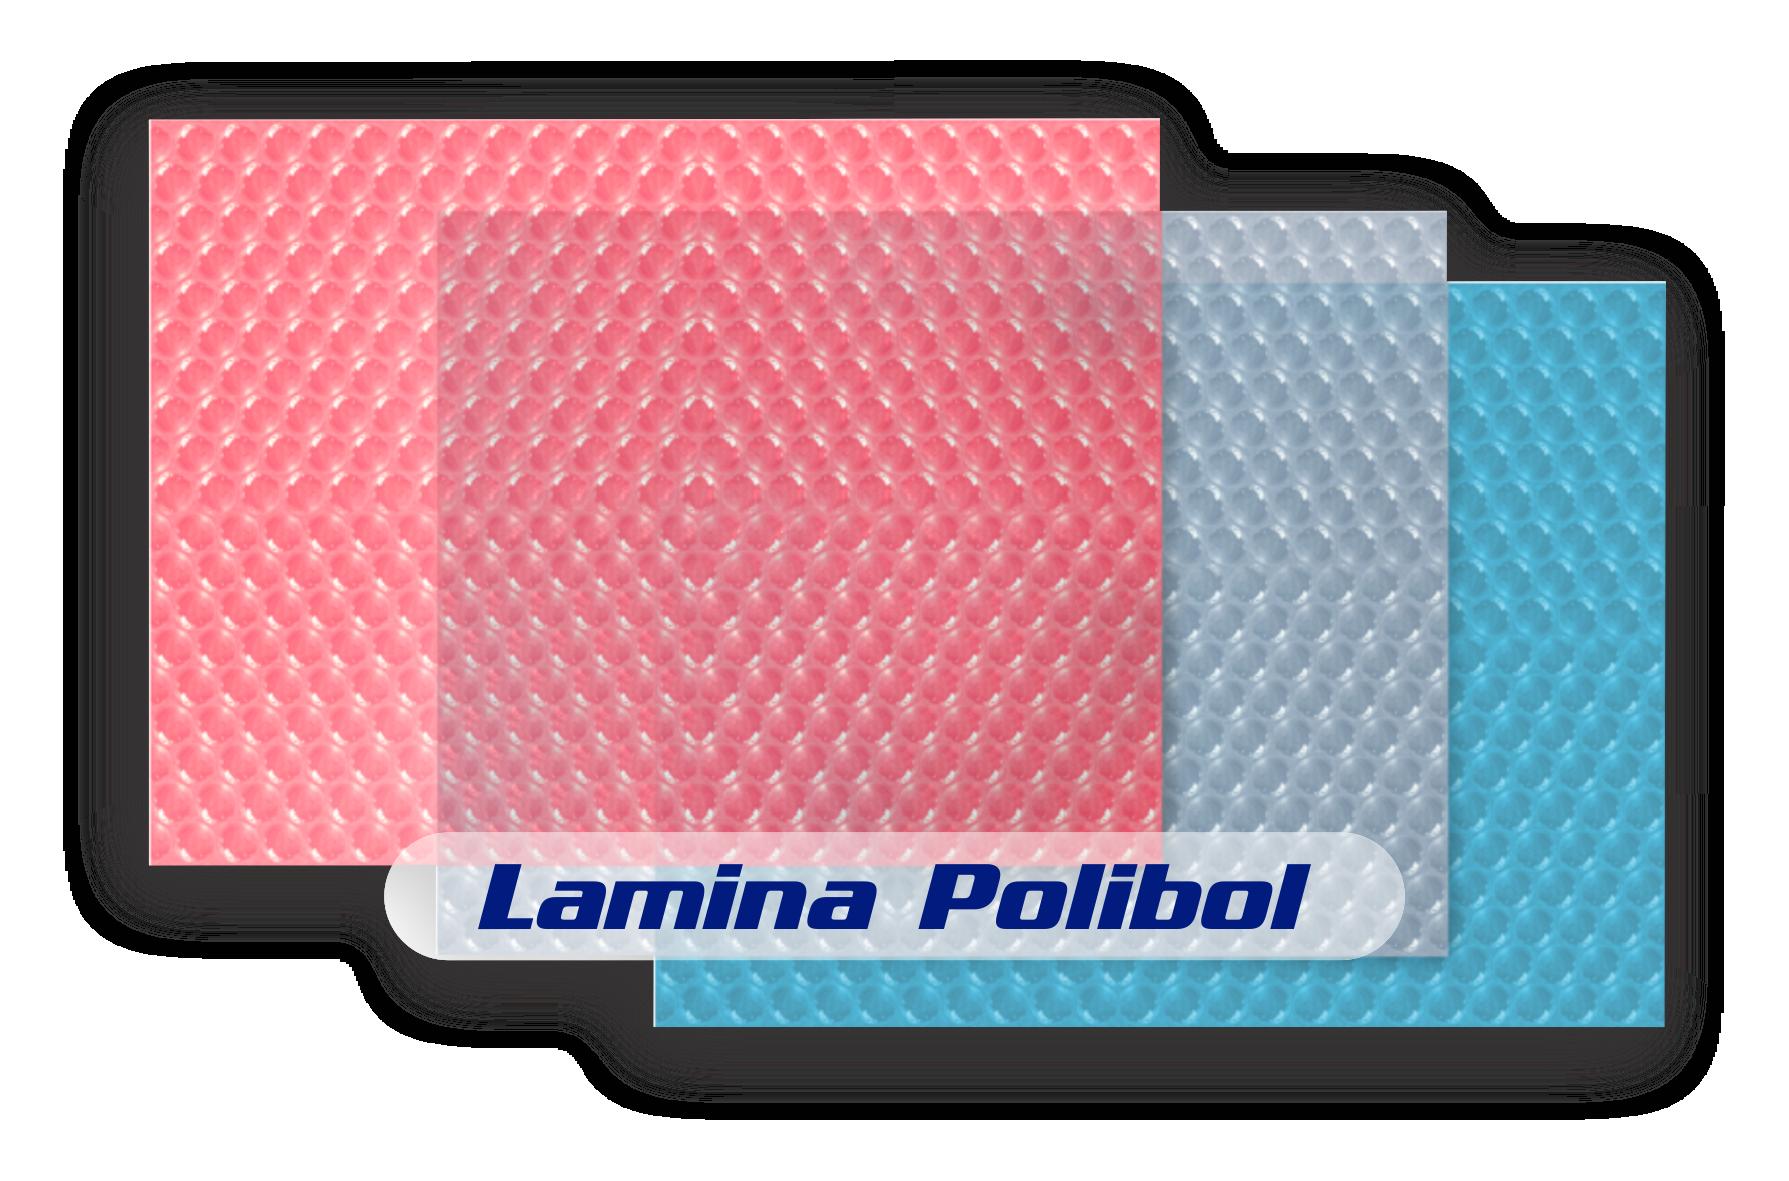 Lamina Polibol 01